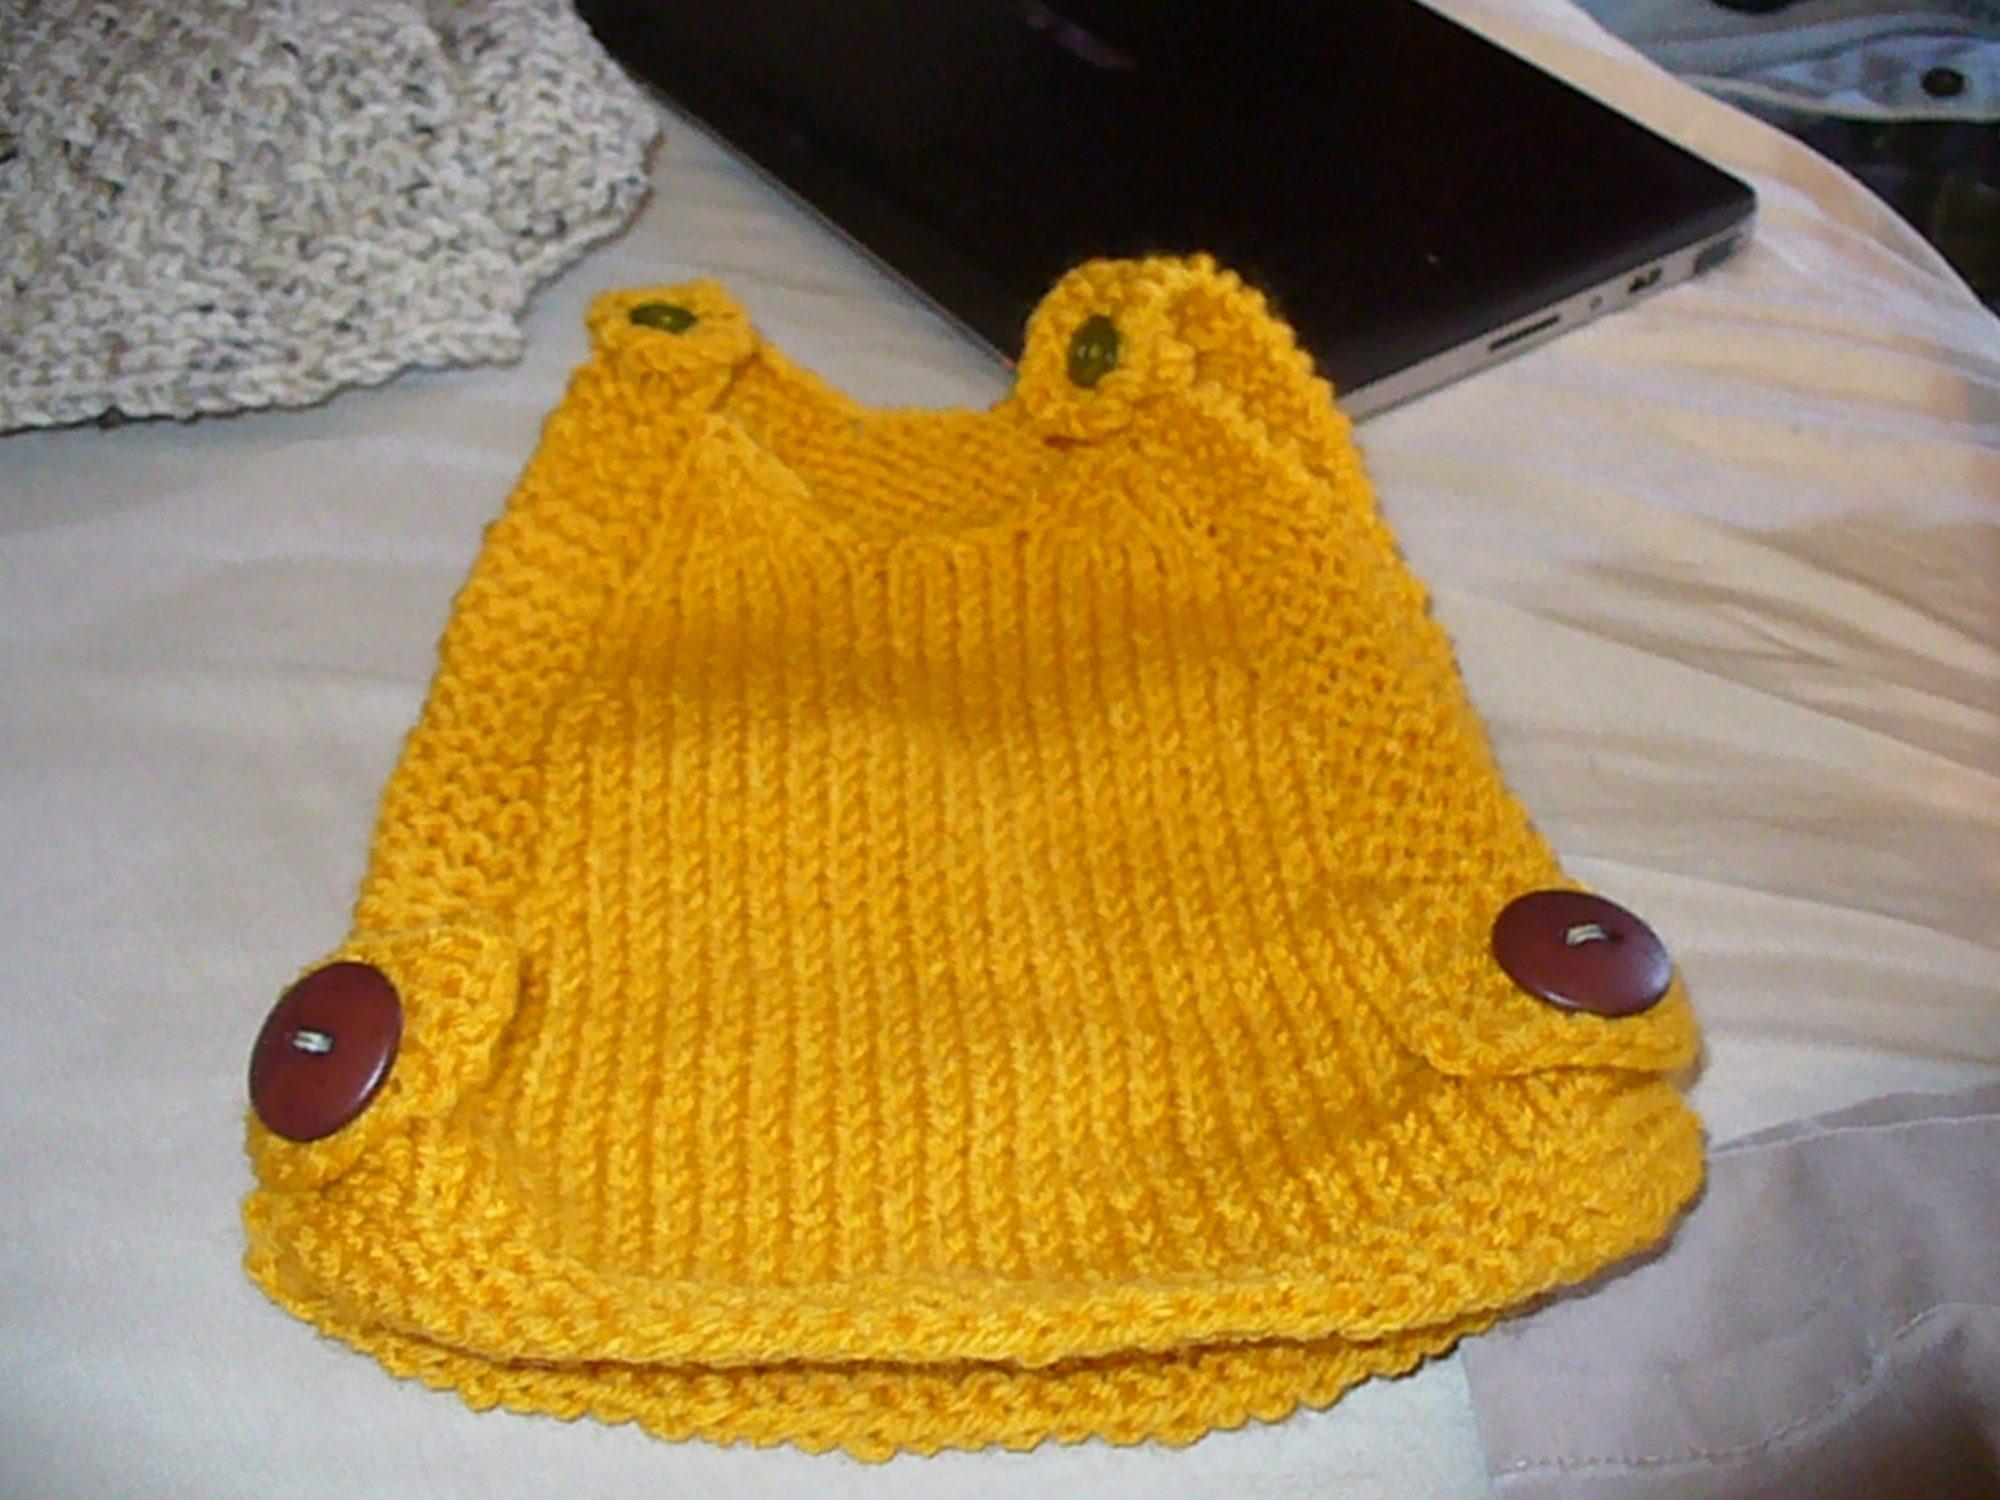 chicken sweater - just in case